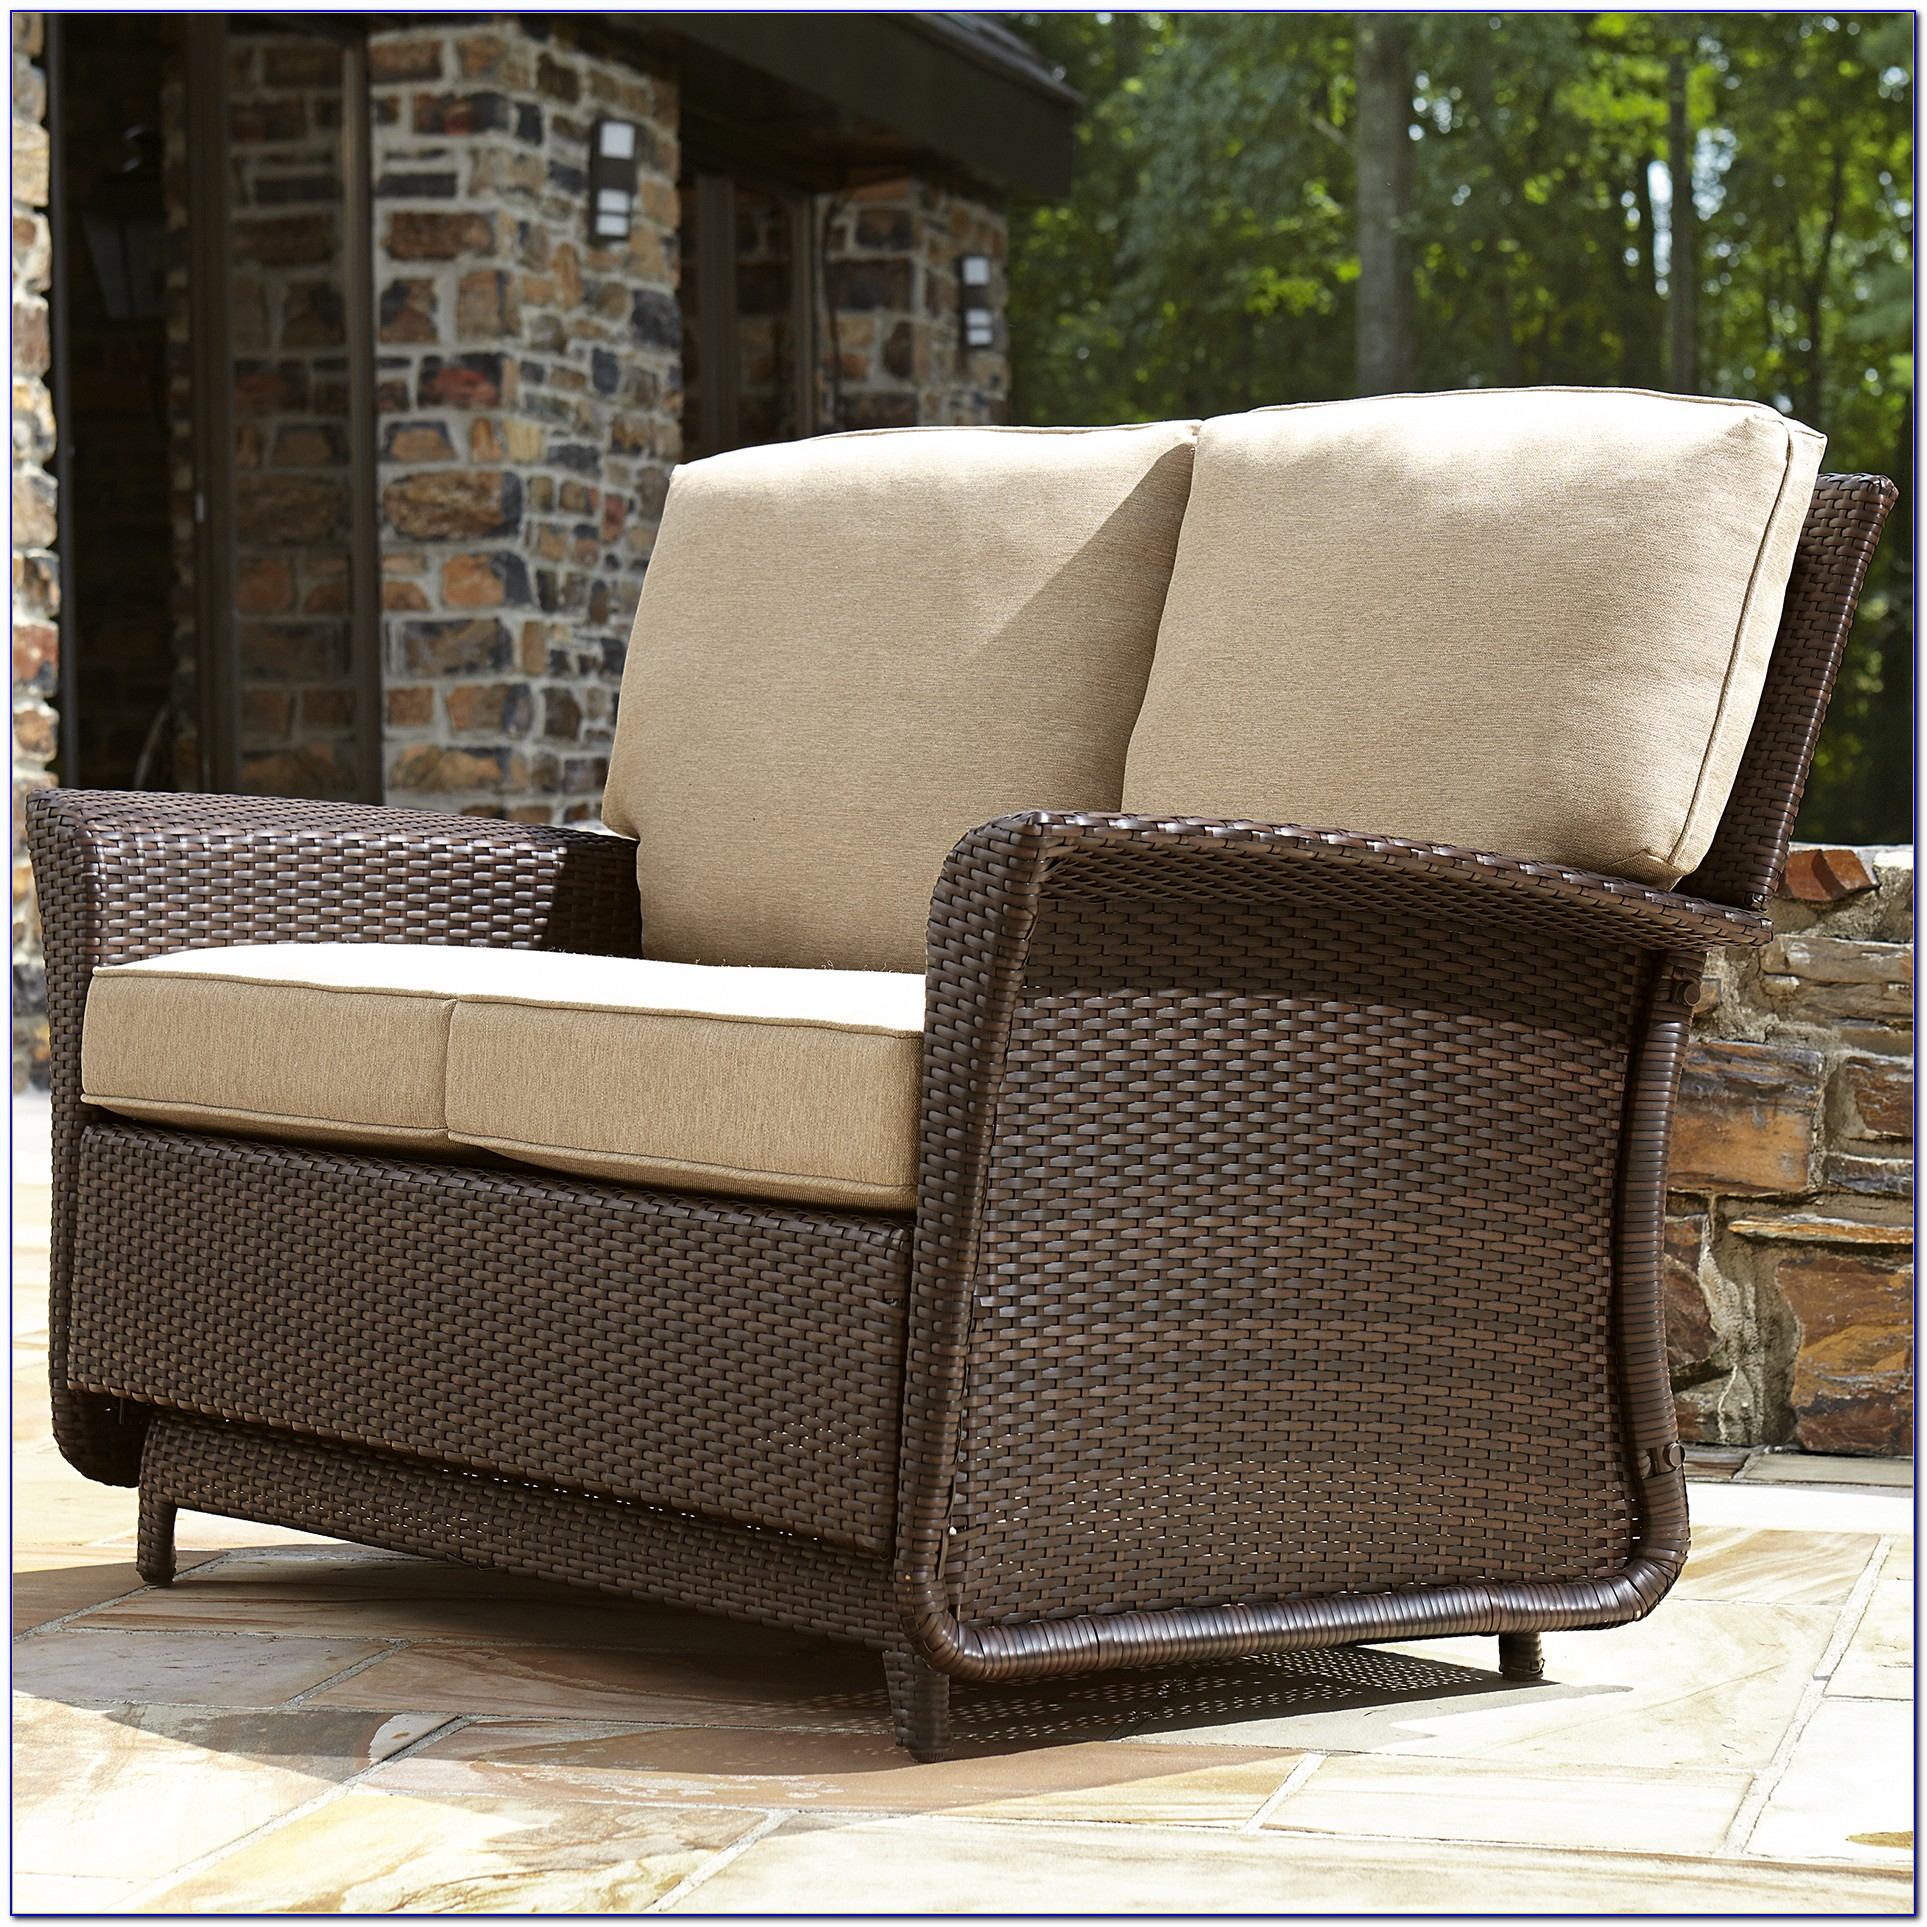 Ty Pennington Outdoor Furniture Kesey